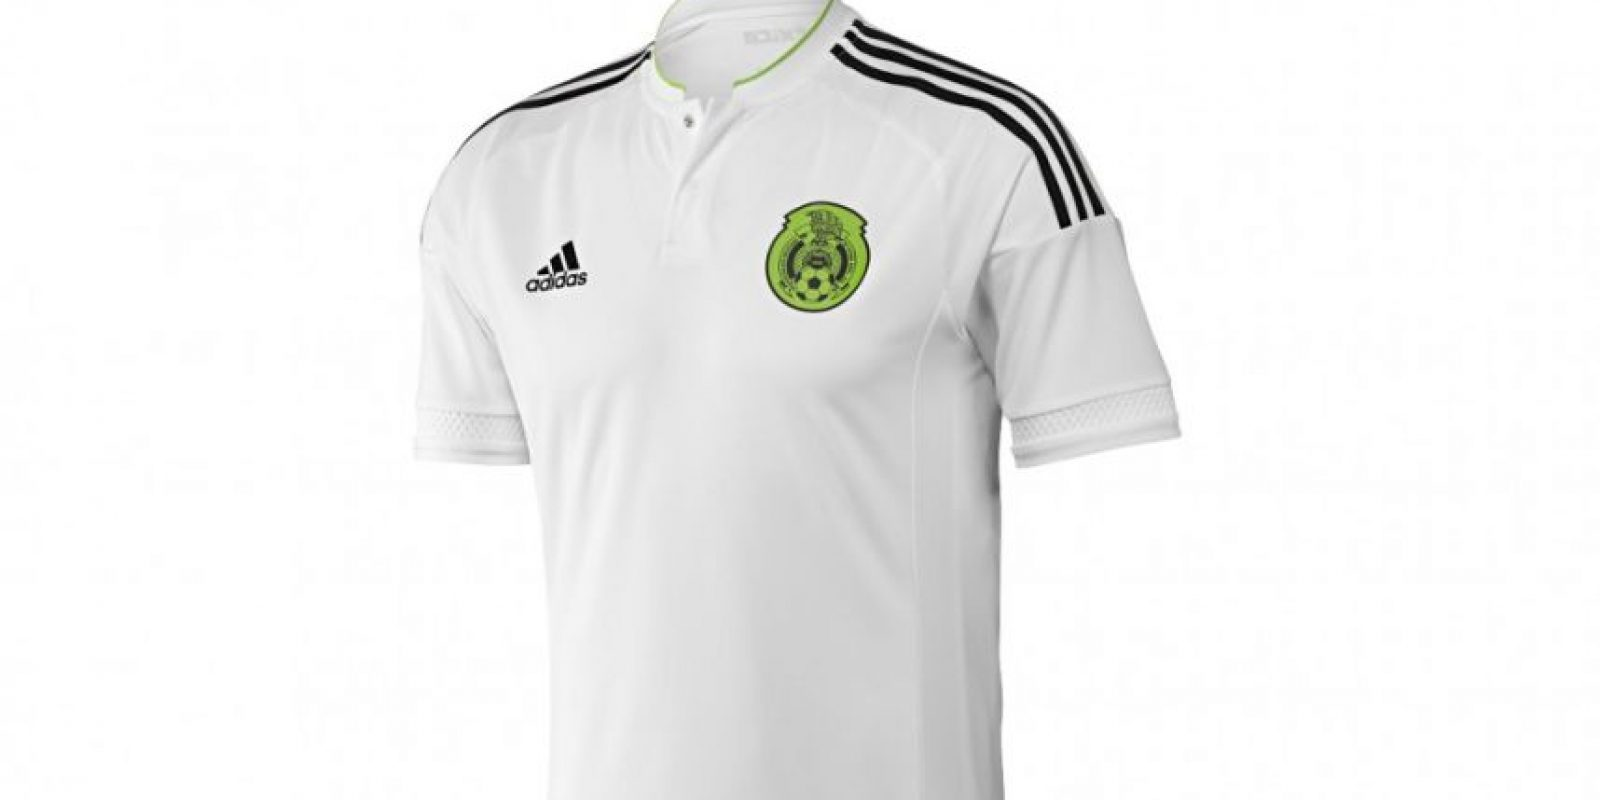 Y su uniforme de visitante será en blanco. Foto:Adidas